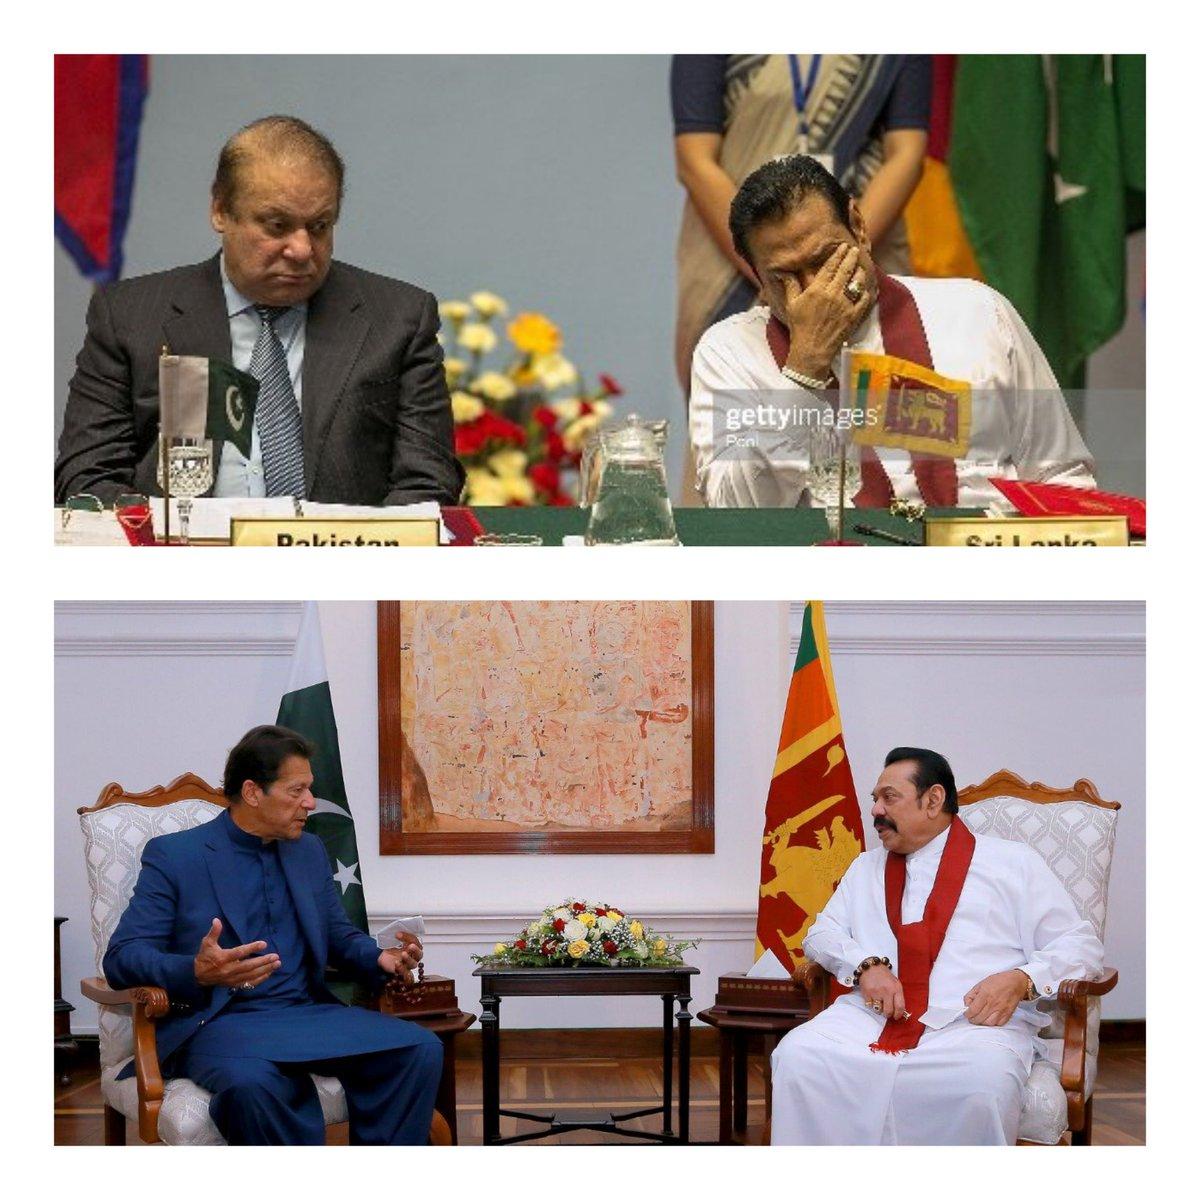 فرق صاف ظاہر ہے #ImranKhan #SriLanka @PTIofficial